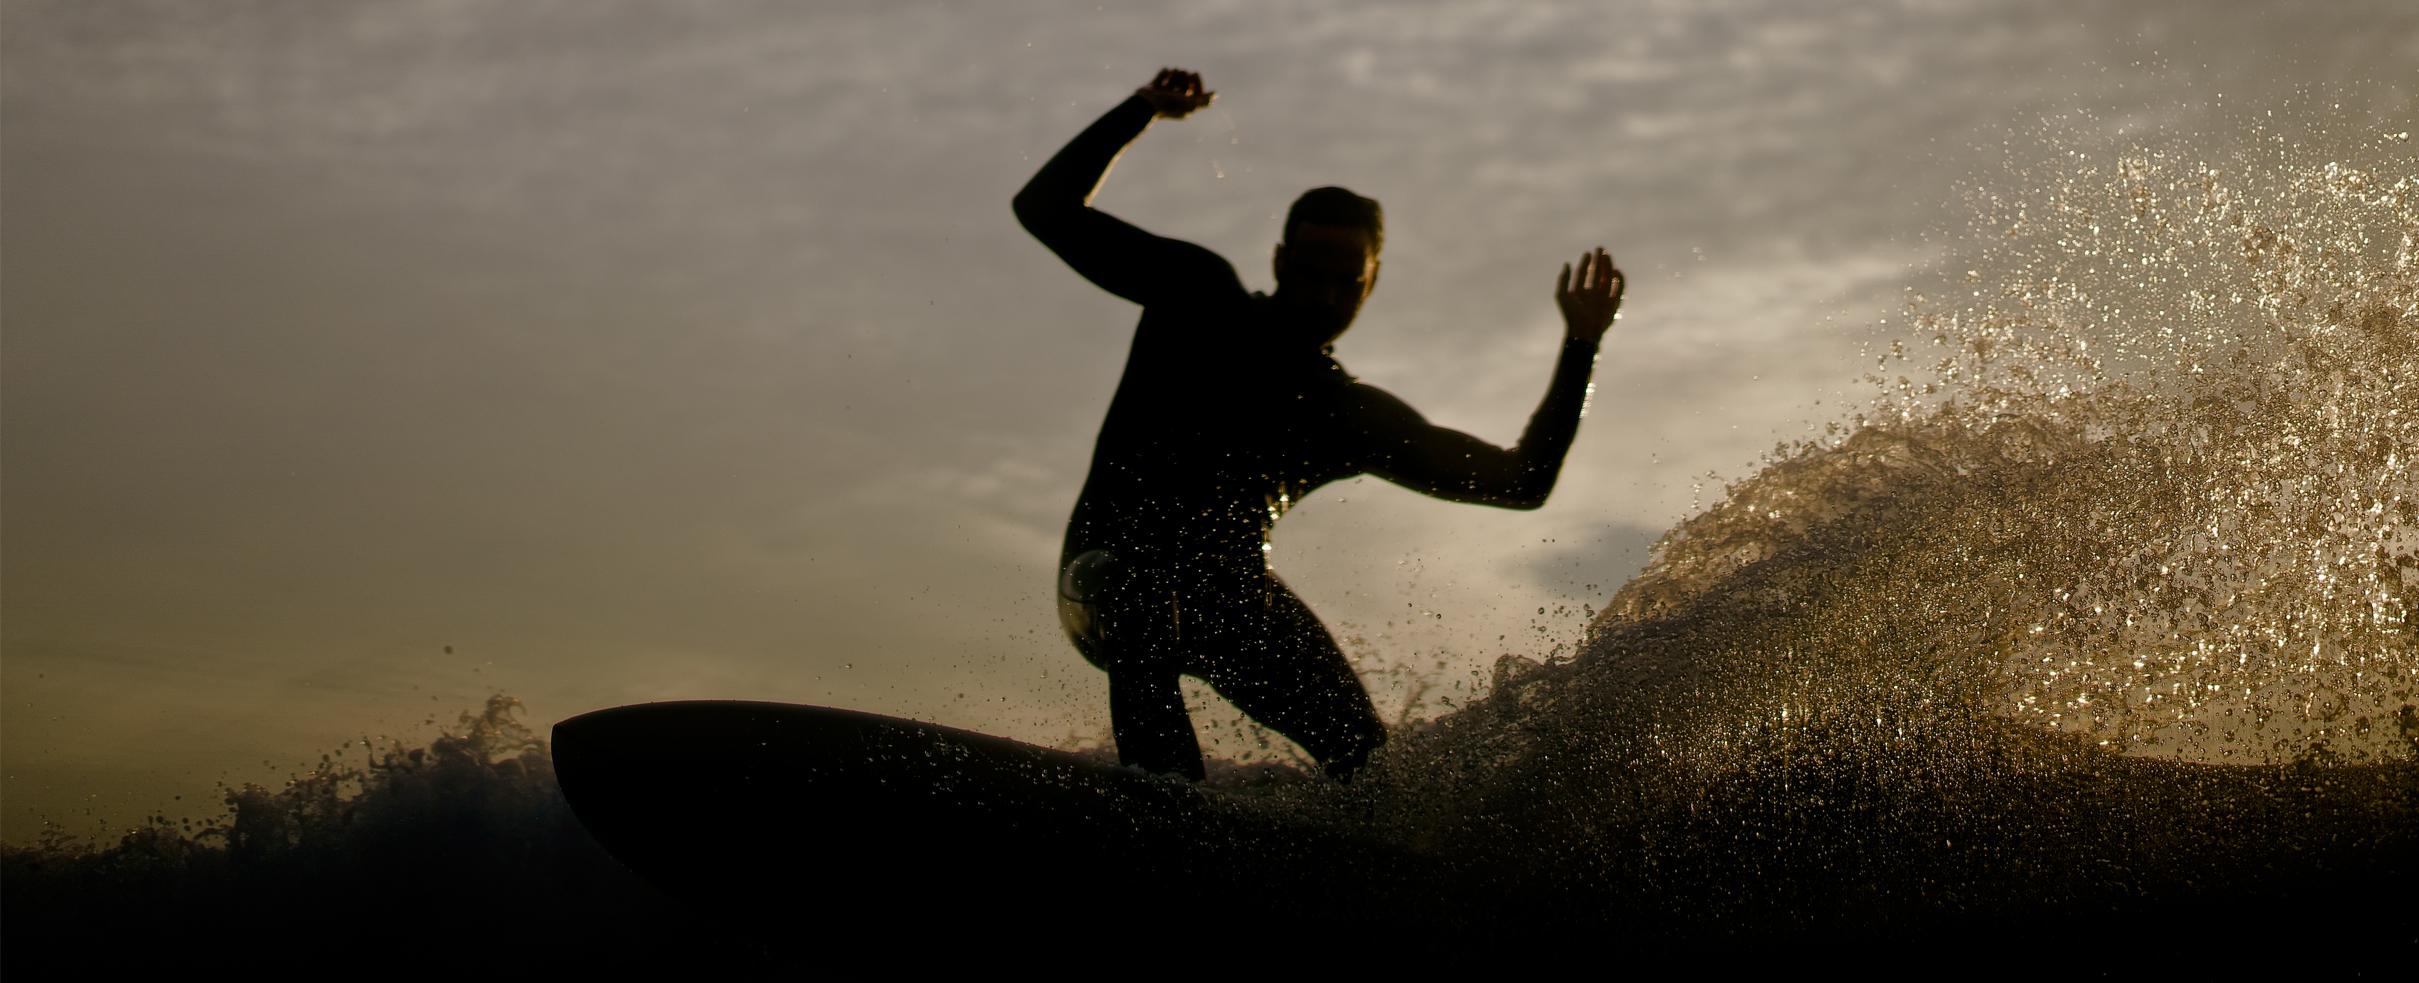 BannerAlong-Surfboards6.jpg